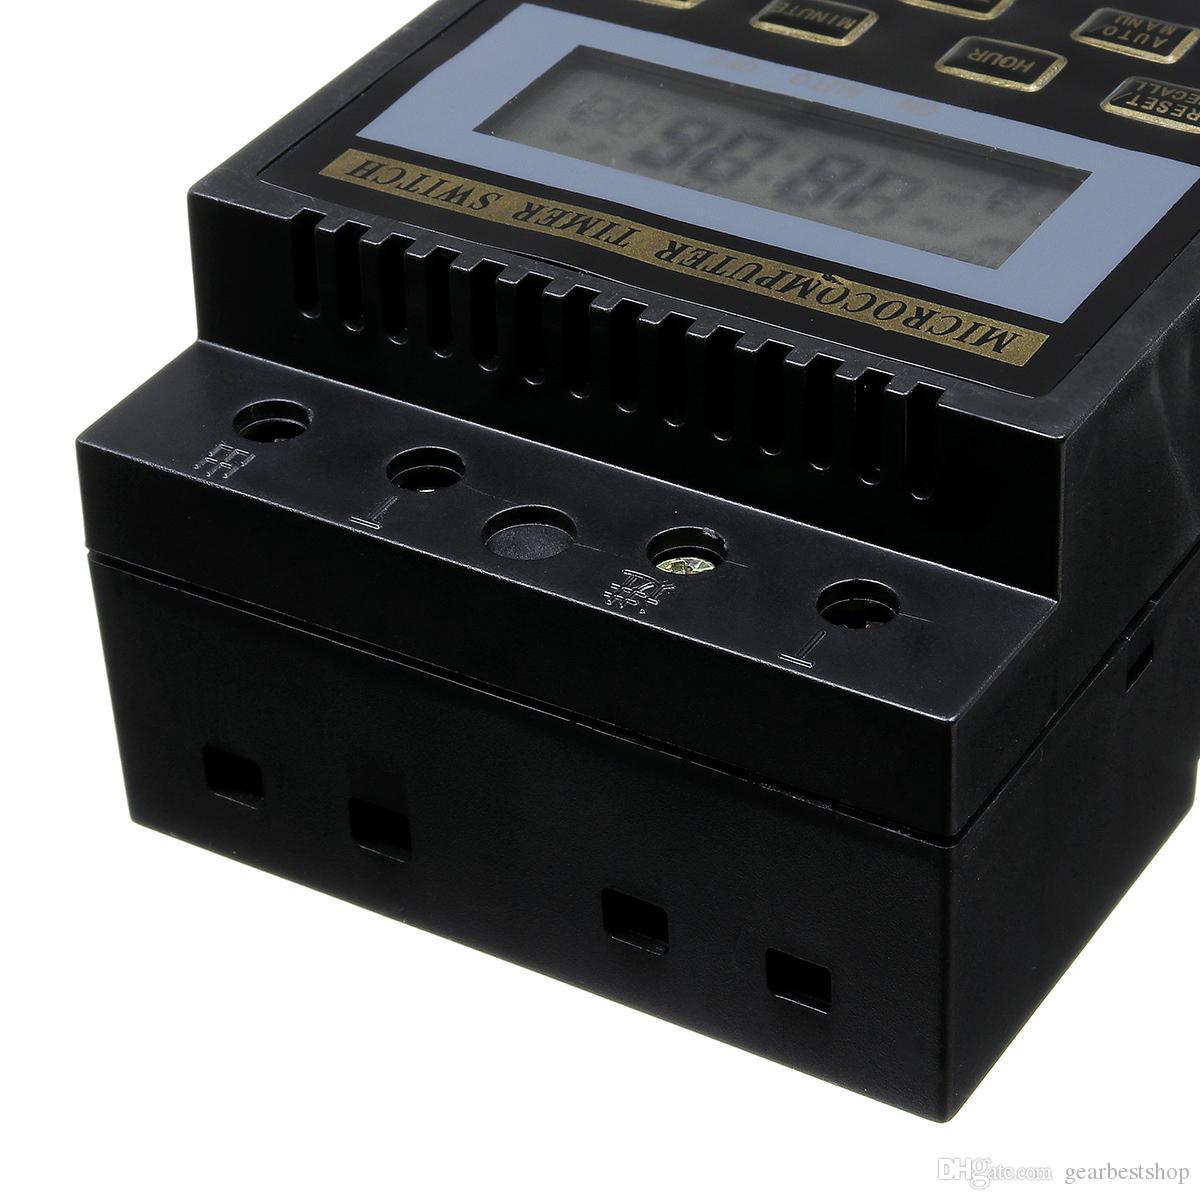 110V220V Microcomputador Temporizador Controlador do sincronismo KG316T Street Lamp Temporizador para fogão eléctrico aquecedor de água Pulverizador - 220V